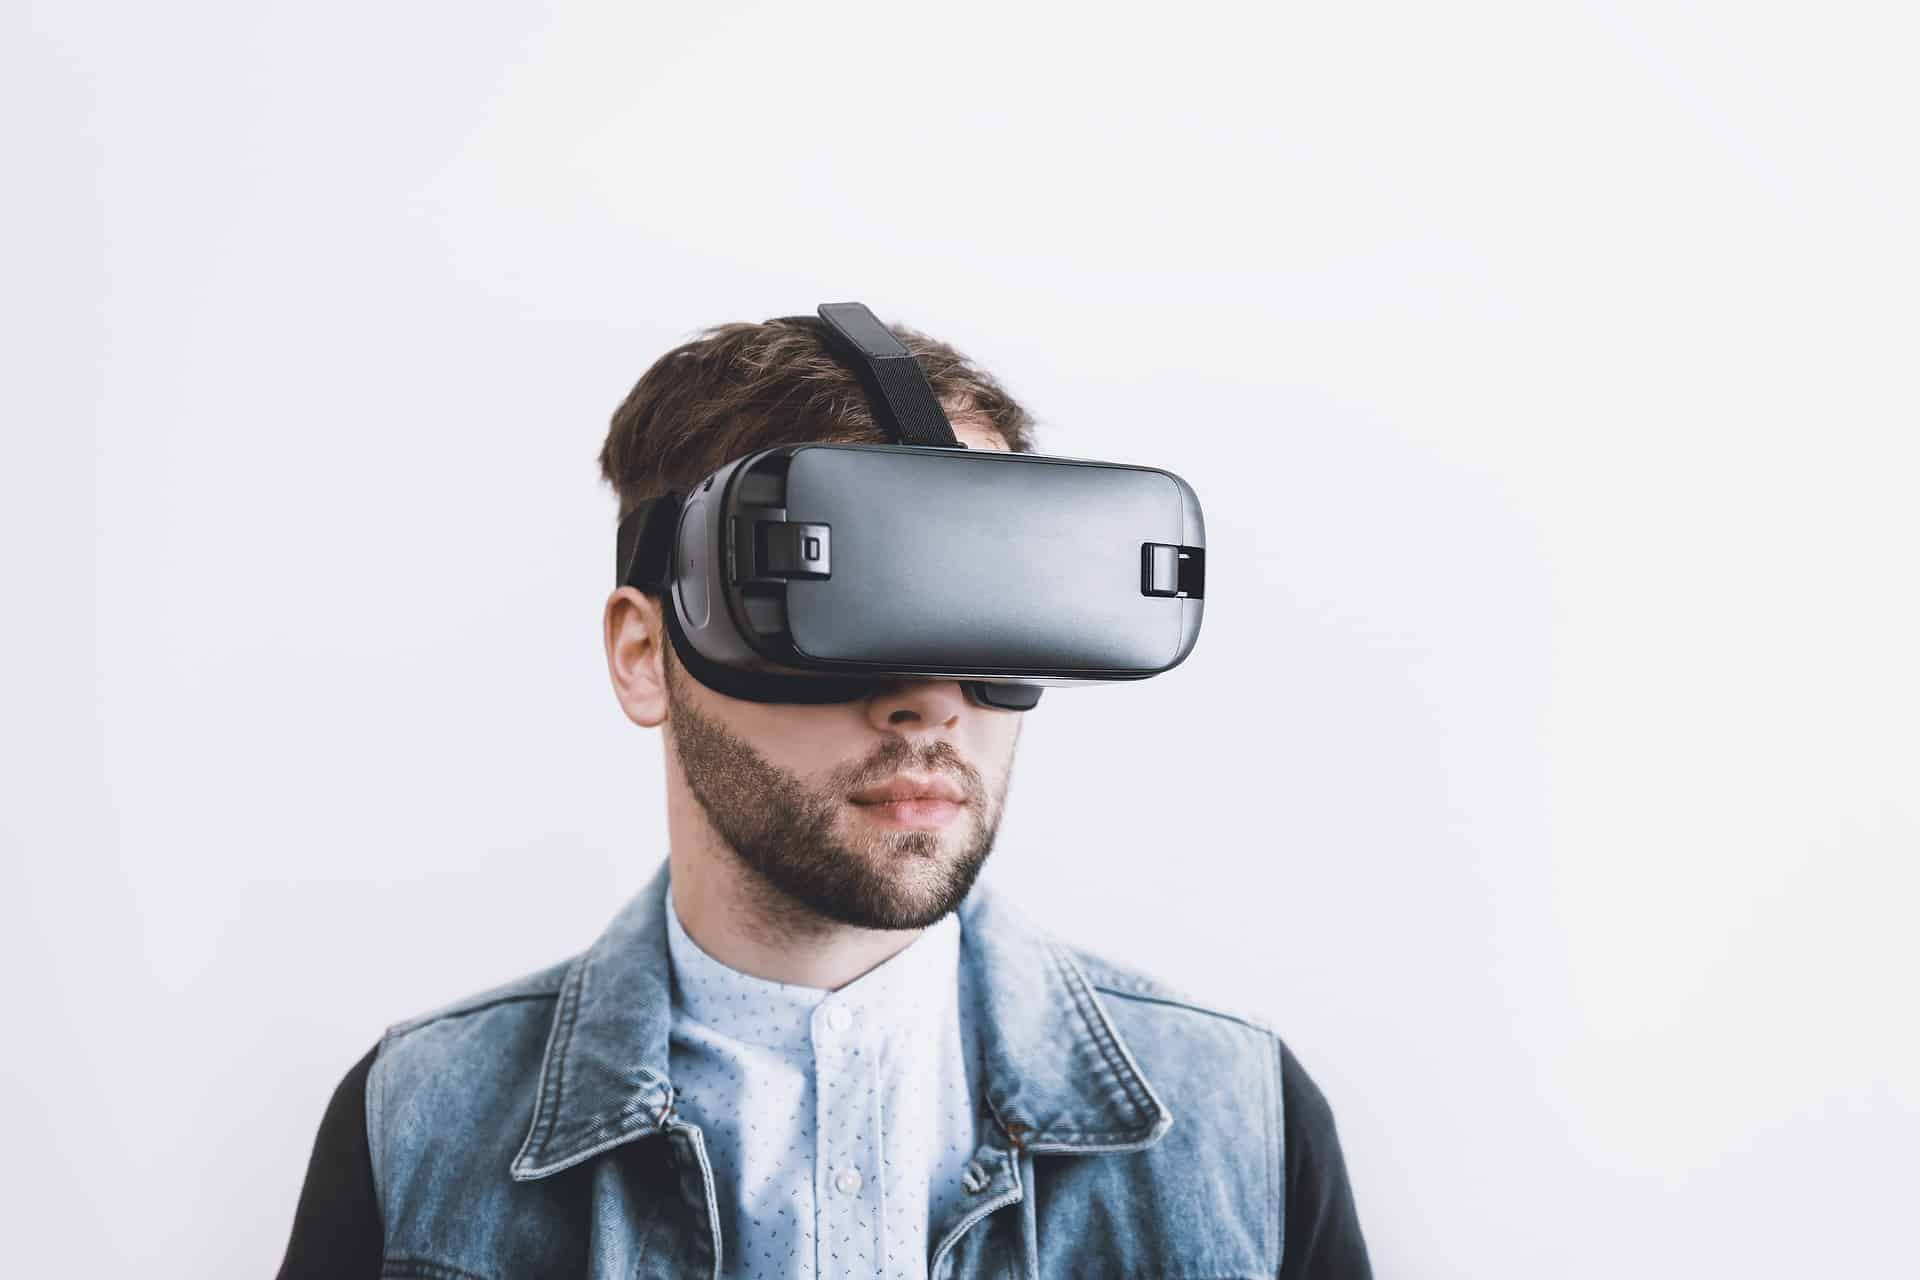 VR Brille Handy: Test & Empfehlungen (04/20)